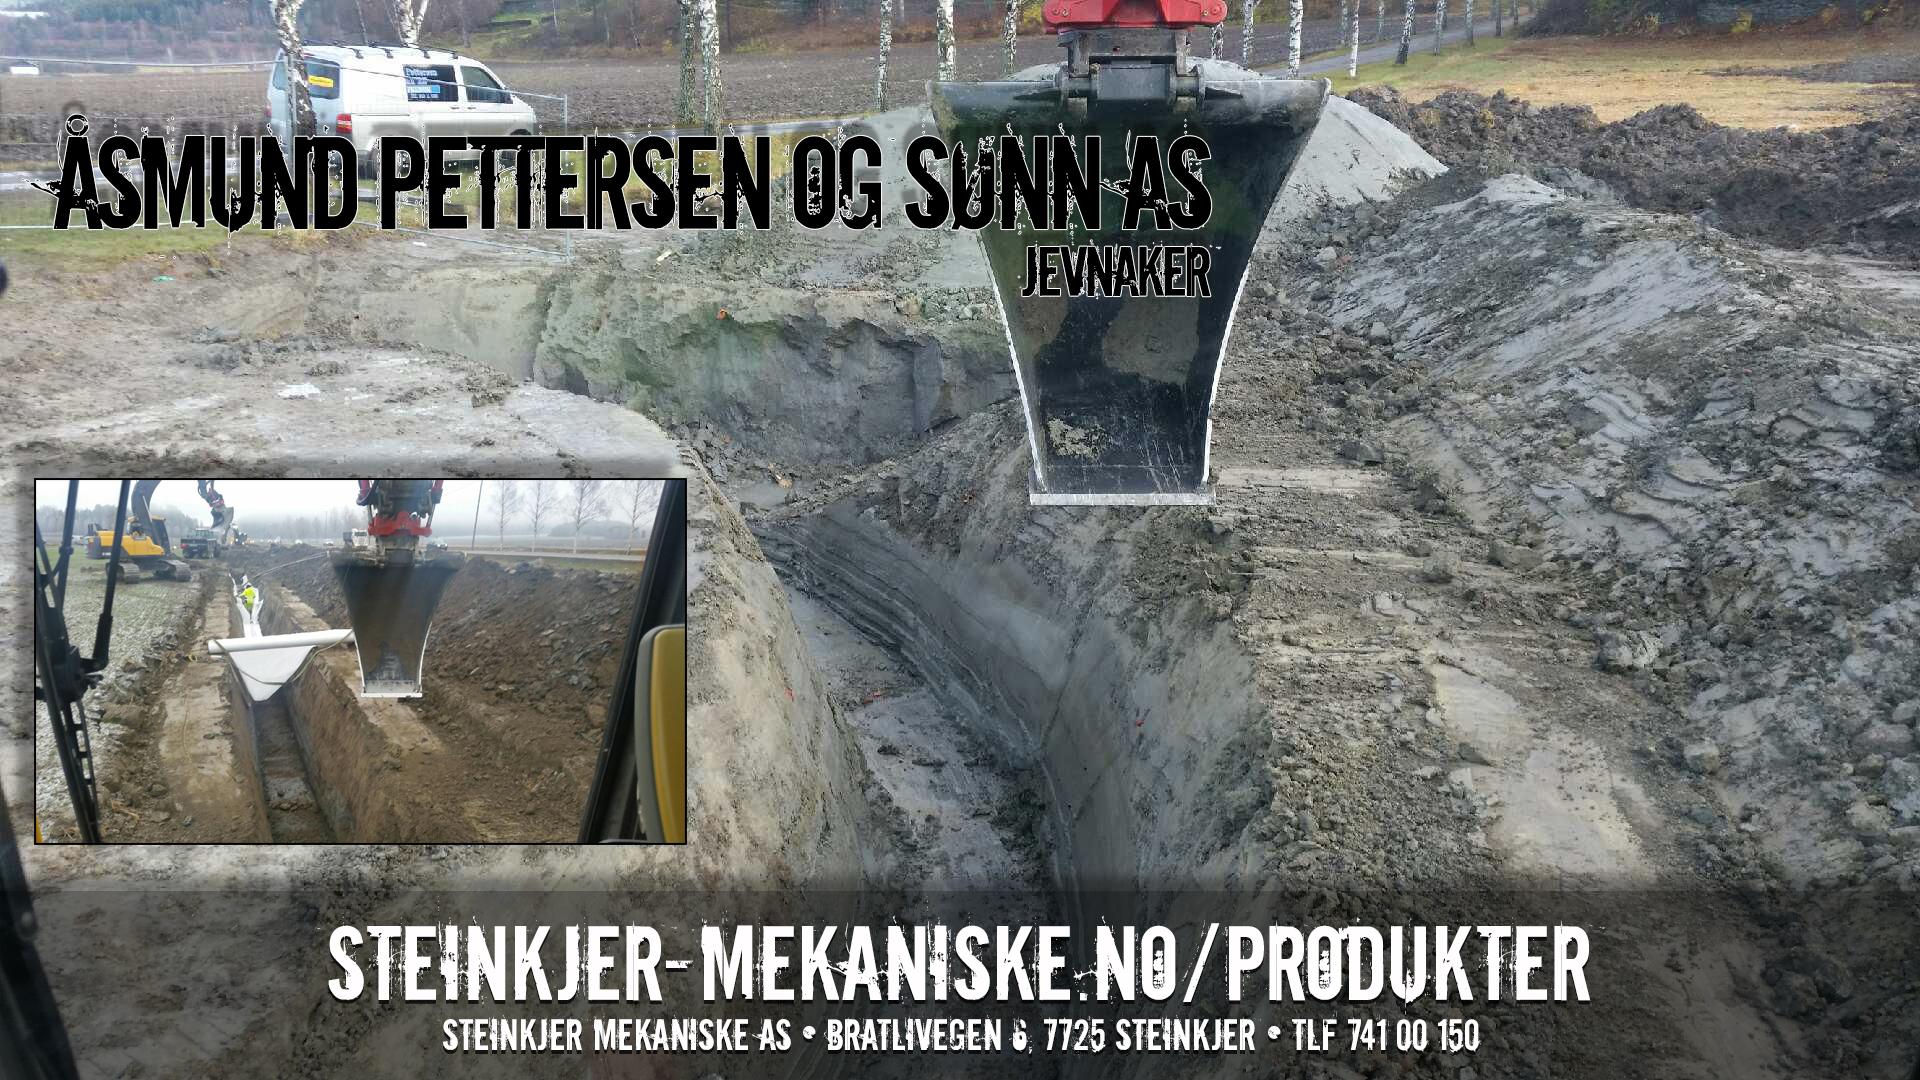 Profilskuffe 25T Spesial i Hardox levert ● Fornøyd kunde: Åsmund Pettersen og Sønn AS